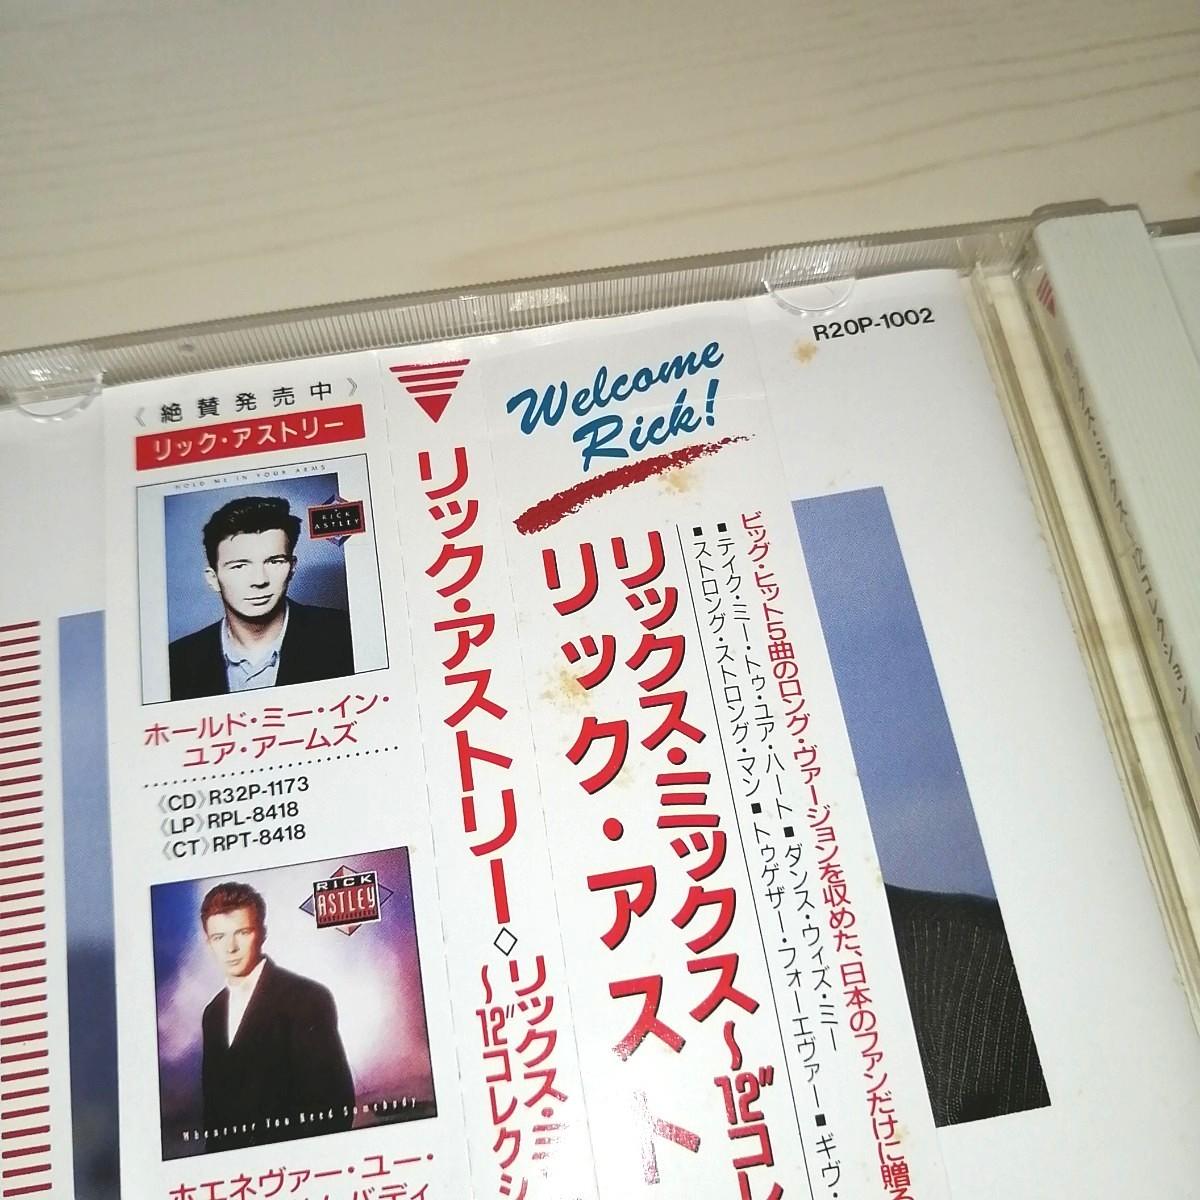 中古CD リック・アストリー RICK ASTLEY リミックス・アルバム